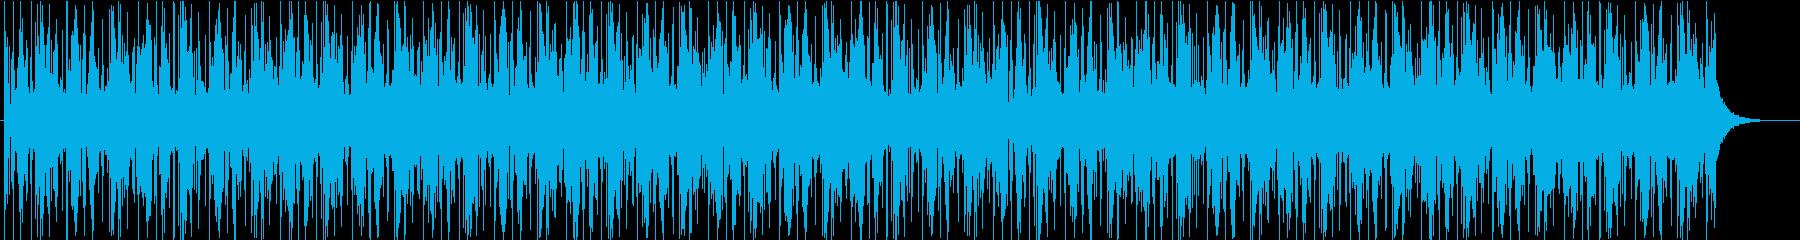 ダークで近未来的な映像広告向けグリッチの再生済みの波形